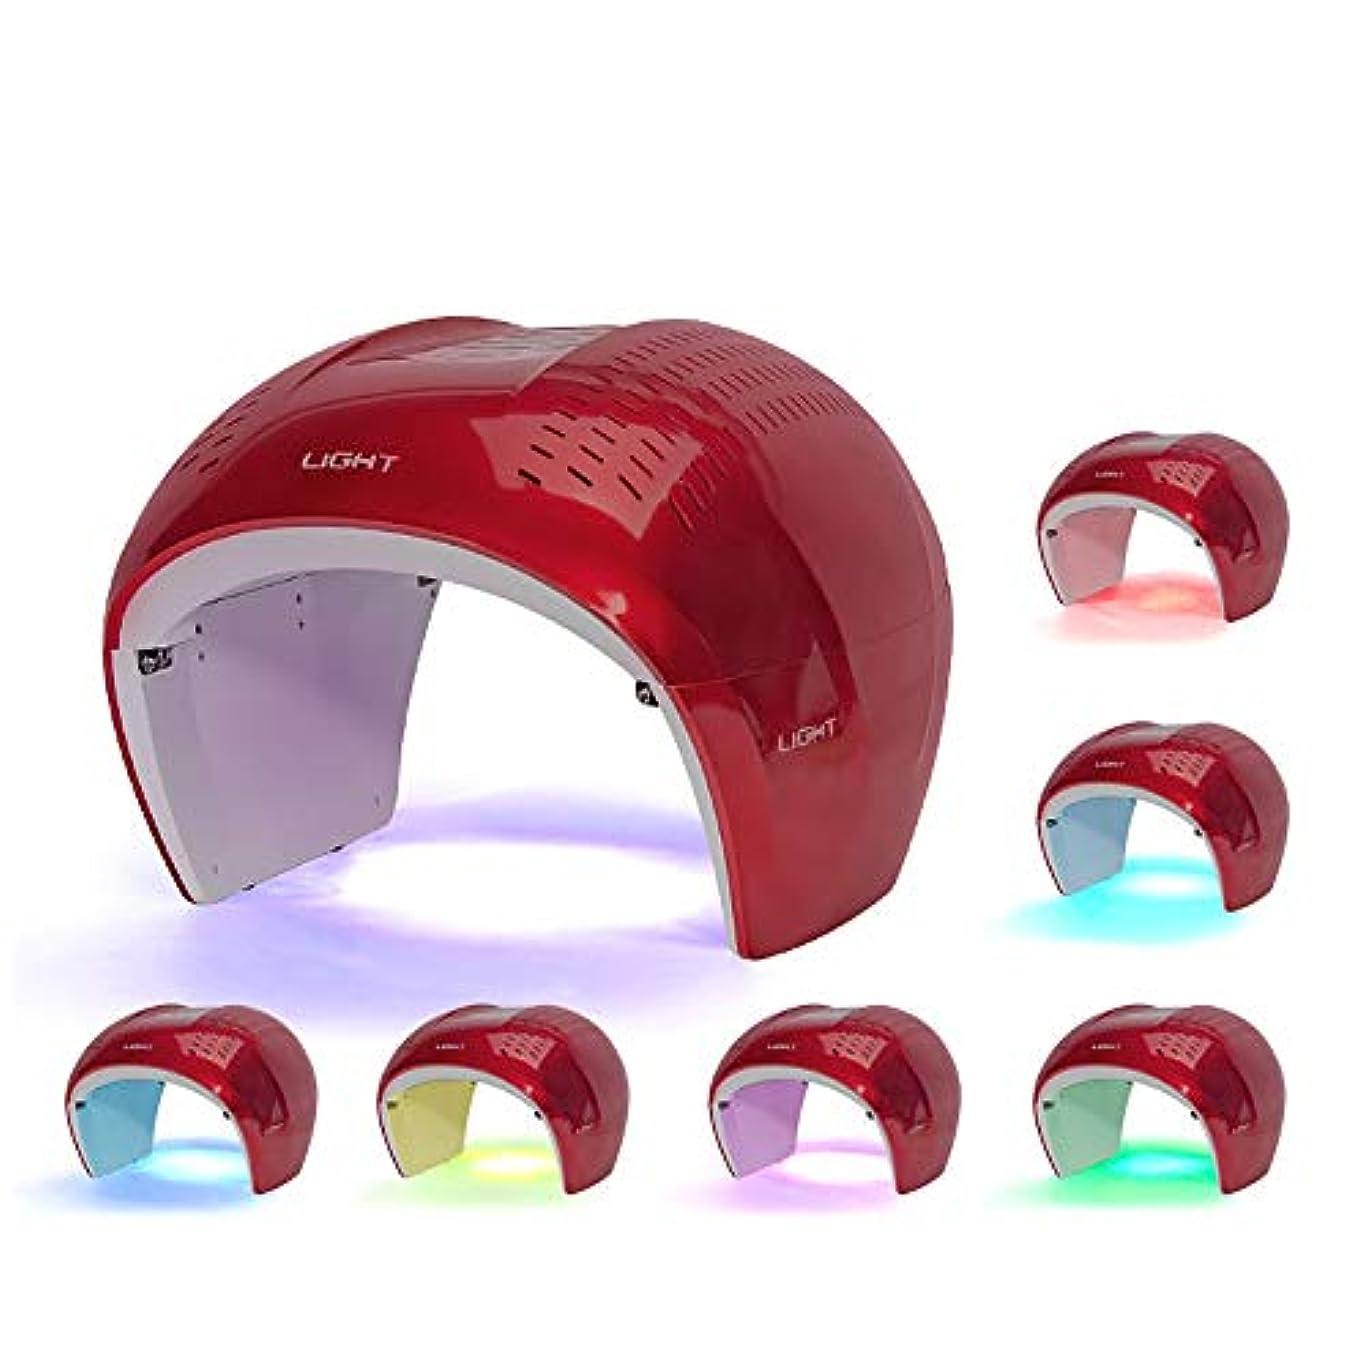 リフレッシュアルファベット順ベジタリアンLEDフェイスマスク、7色LEDマスクフォトンライトスキンリジュビネーションセラピーフェイシャルスキンケアマスク、アンチエイジング、シワ、